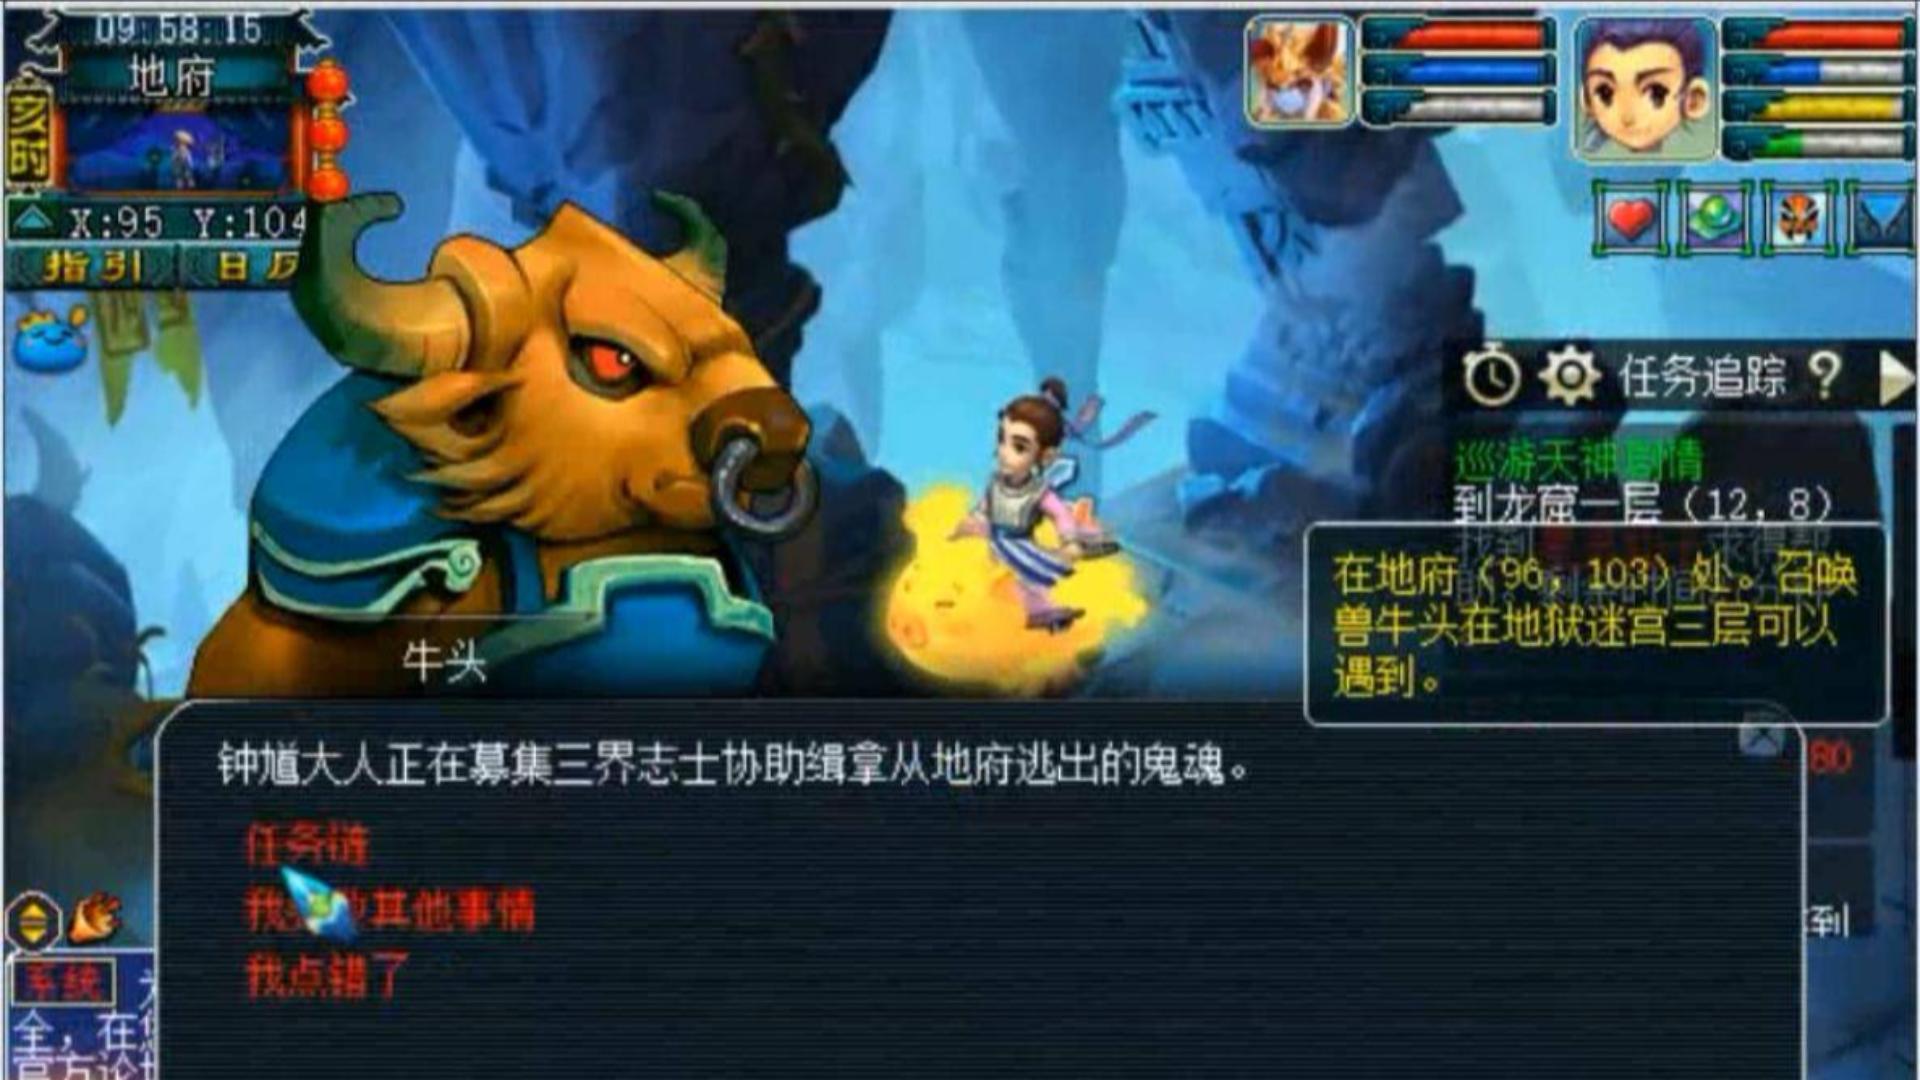 梦幻西游:老王用服战魔方寸直播跑环,不经意间暴露了自己的实力